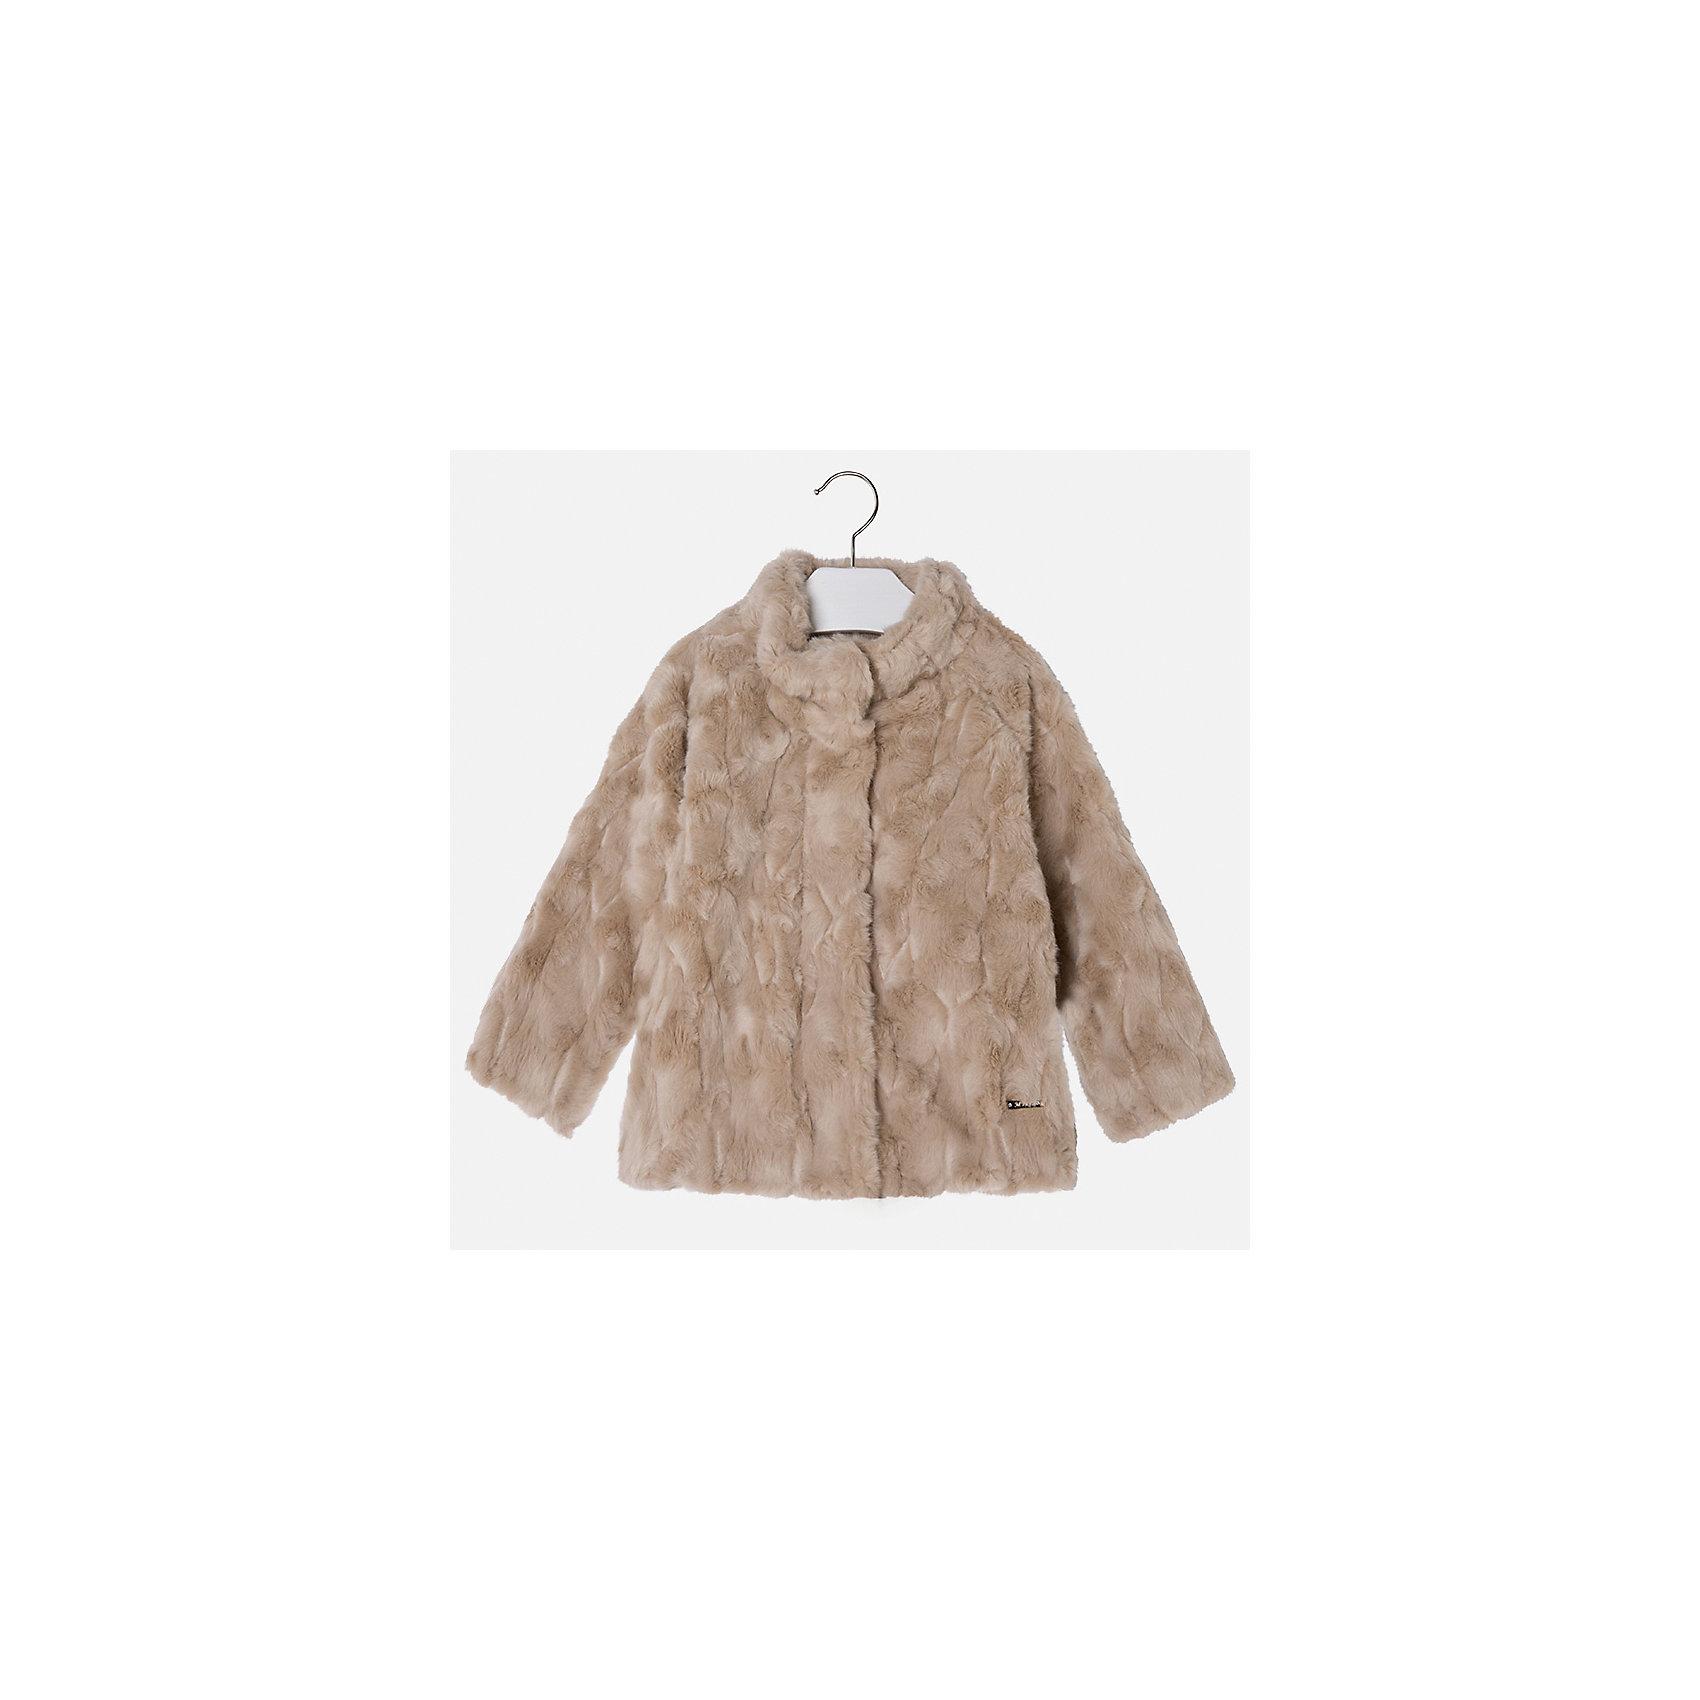 Куртка для девочки MayoralДемисезонные куртки<br>Характеристики товара:<br><br>• цвет: коричневый<br>• состав ткани: 100% акрил, подклад - 65% полиэстер, 35% акрил<br>• застежка: молния<br>• длинные рукава<br>• сезон: демисезон<br>• температурный режим: от 0 до -10С<br>• страна бренда: Испания<br>• страна изготовитель: Индия<br><br>Такая куртка из искусственного меха поможет сделать образ стильным и оригинальным. Куртка от Mayoral из искусственного меха соответствует новейшим тенденциям молодежной моды. <br><br>Детская одежда от испанской компании Mayoral отличаются оригинальным и всегда стильным дизайном. Качество продукции неизменно очень высокое.<br><br>Куртку для девочки Mayoral (Майорал) можно купить в нашем интернет-магазине.<br><br>Ширина мм: 356<br>Глубина мм: 10<br>Высота мм: 245<br>Вес г: 519<br>Цвет: коричневый<br>Возраст от месяцев: 96<br>Возраст до месяцев: 108<br>Пол: Женский<br>Возраст: Детский<br>Размер: 134,92,98,104,110,116,122,128<br>SKU: 6924447